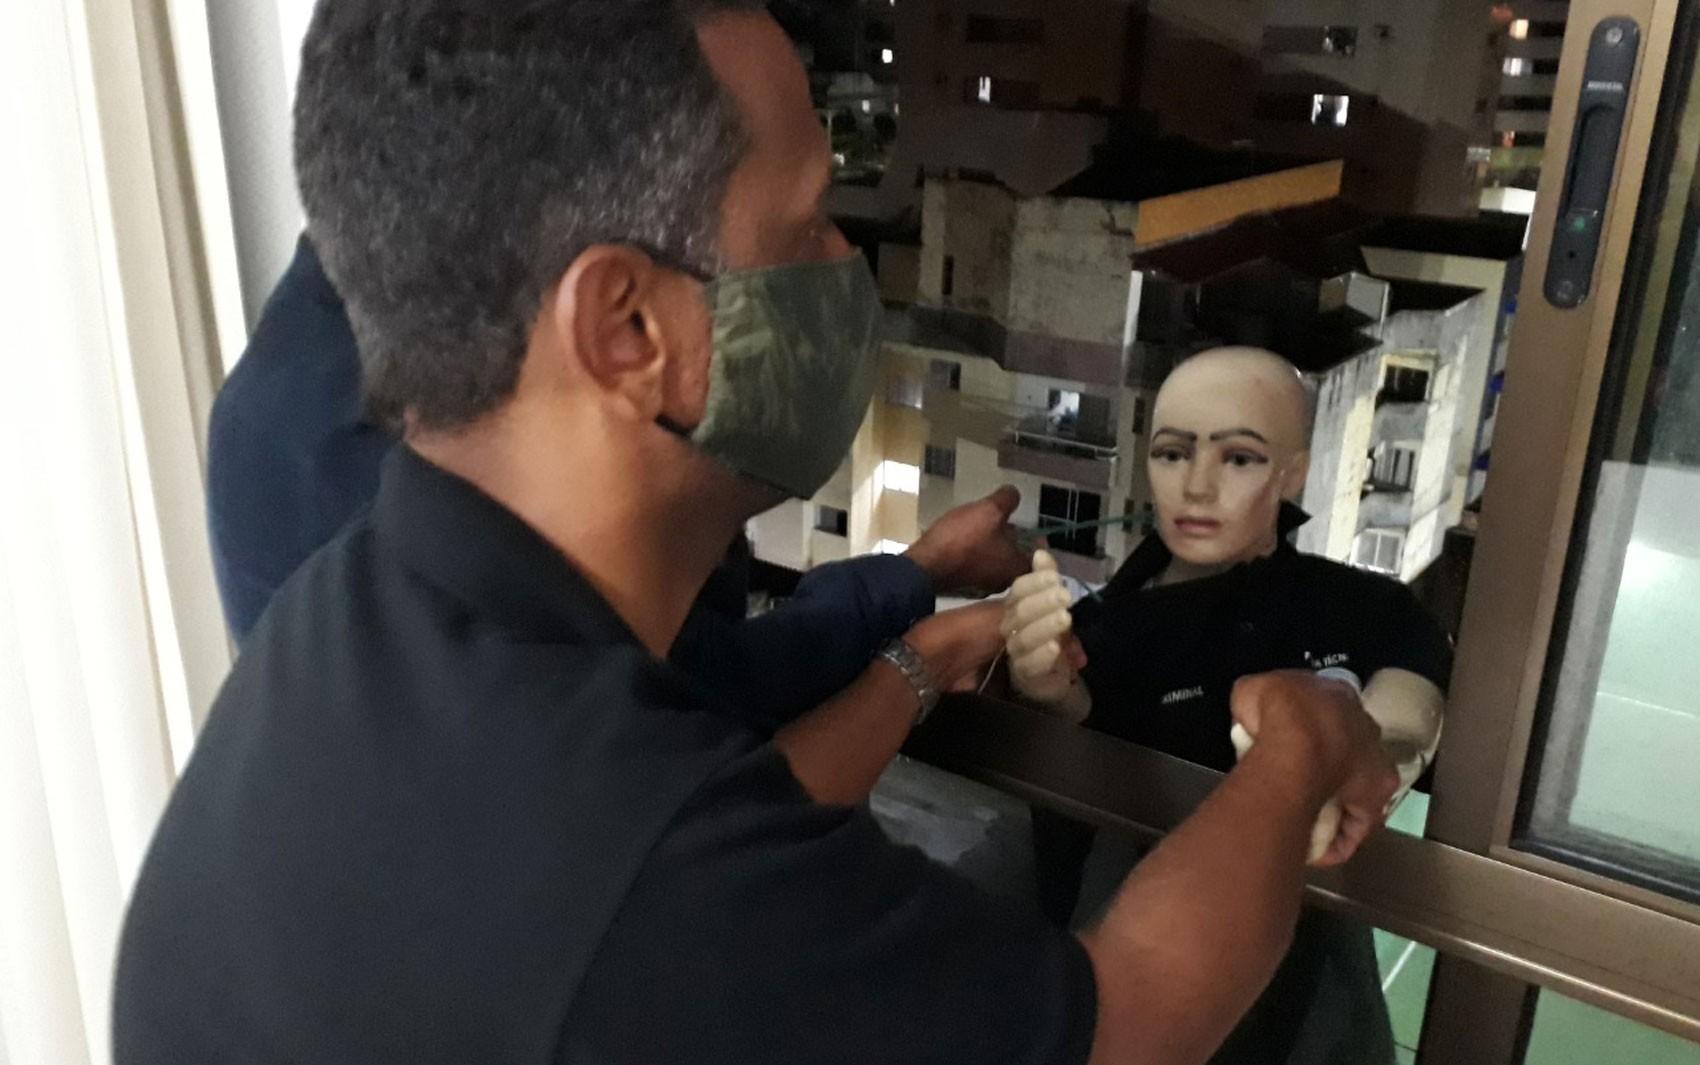 Polícia faz reconstituição do caso da médica que caiu de prédio durante briga com companheiro em Salvador